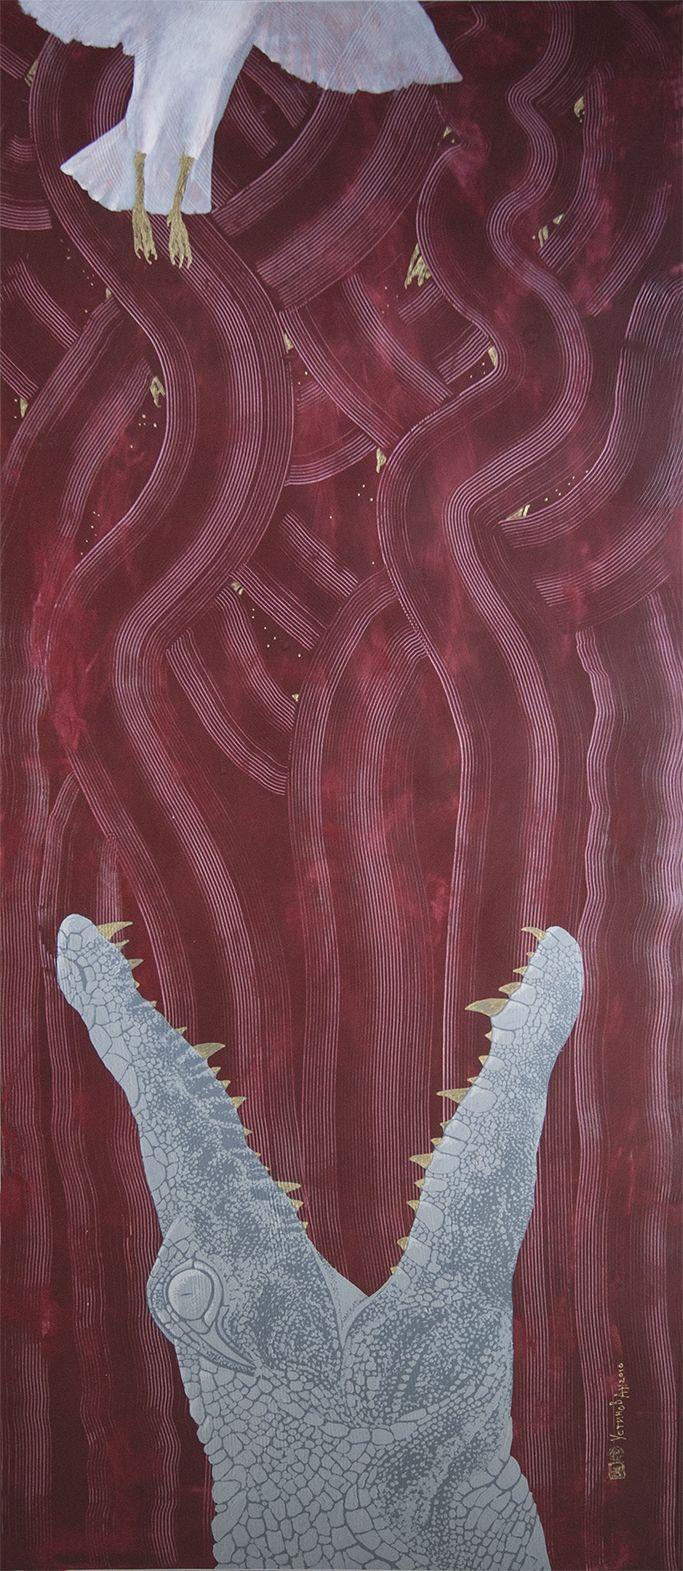 Сrocodile Series -Food Chain- 140x60 cm paper,acryl